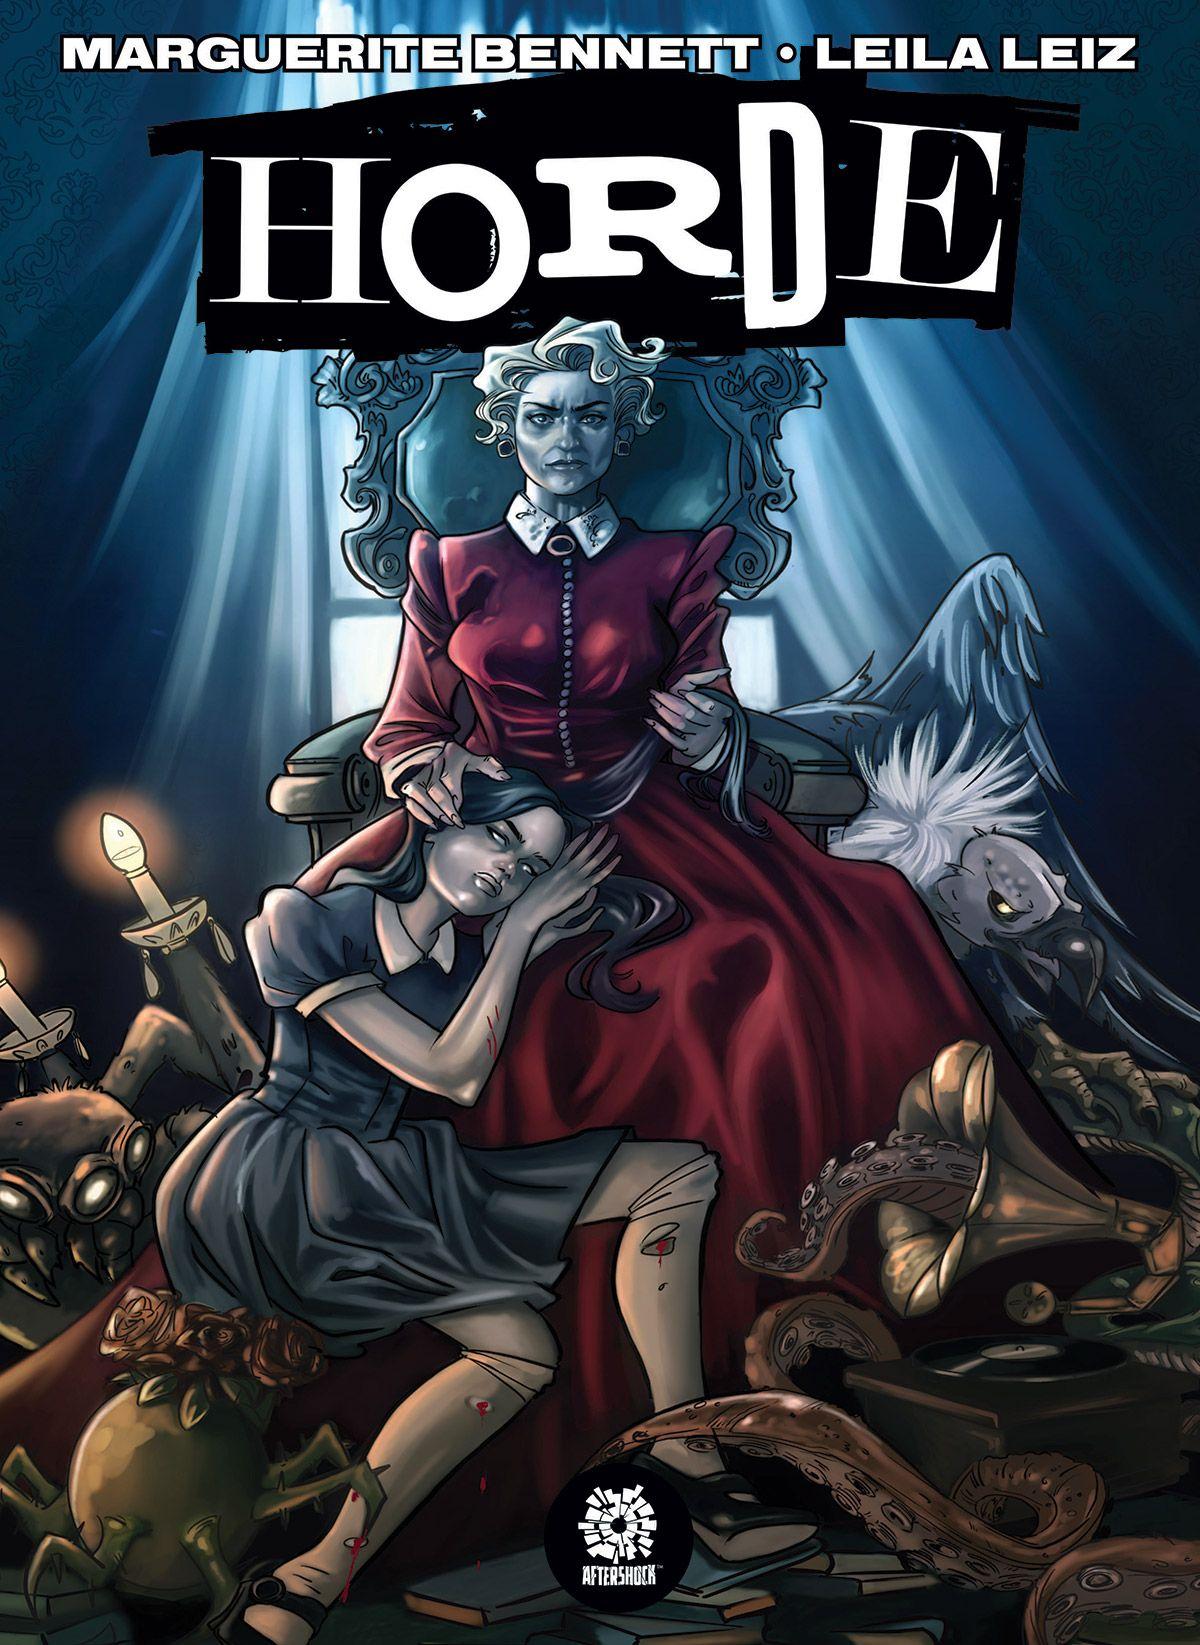 Horde (Graphic Novel)